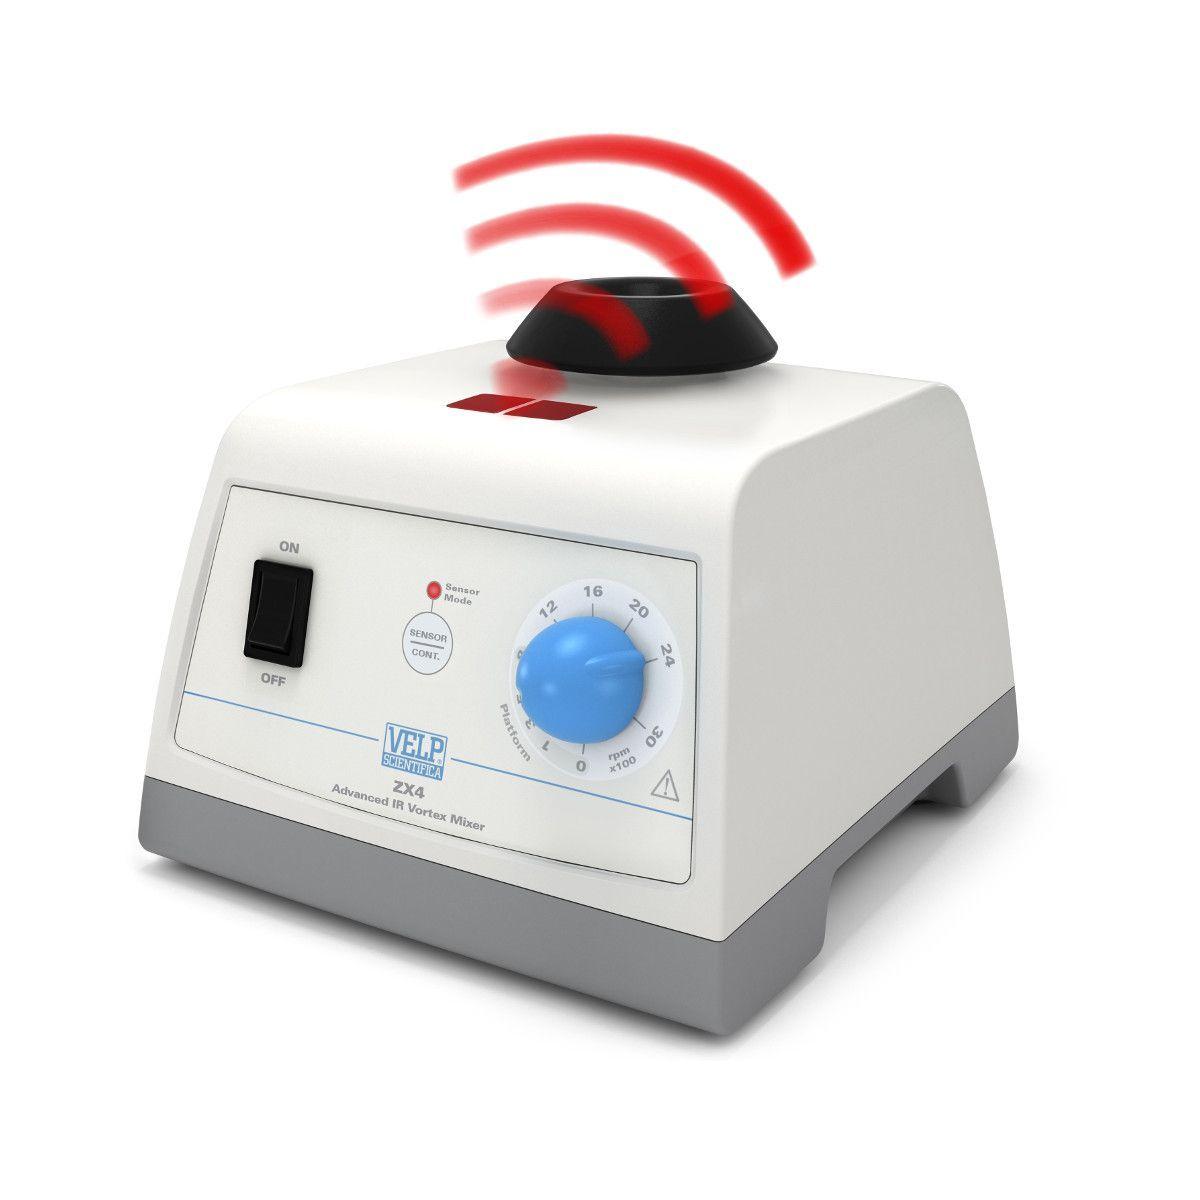 VELP Scientifica- ZX4 Advanced IR Vortex Mixer